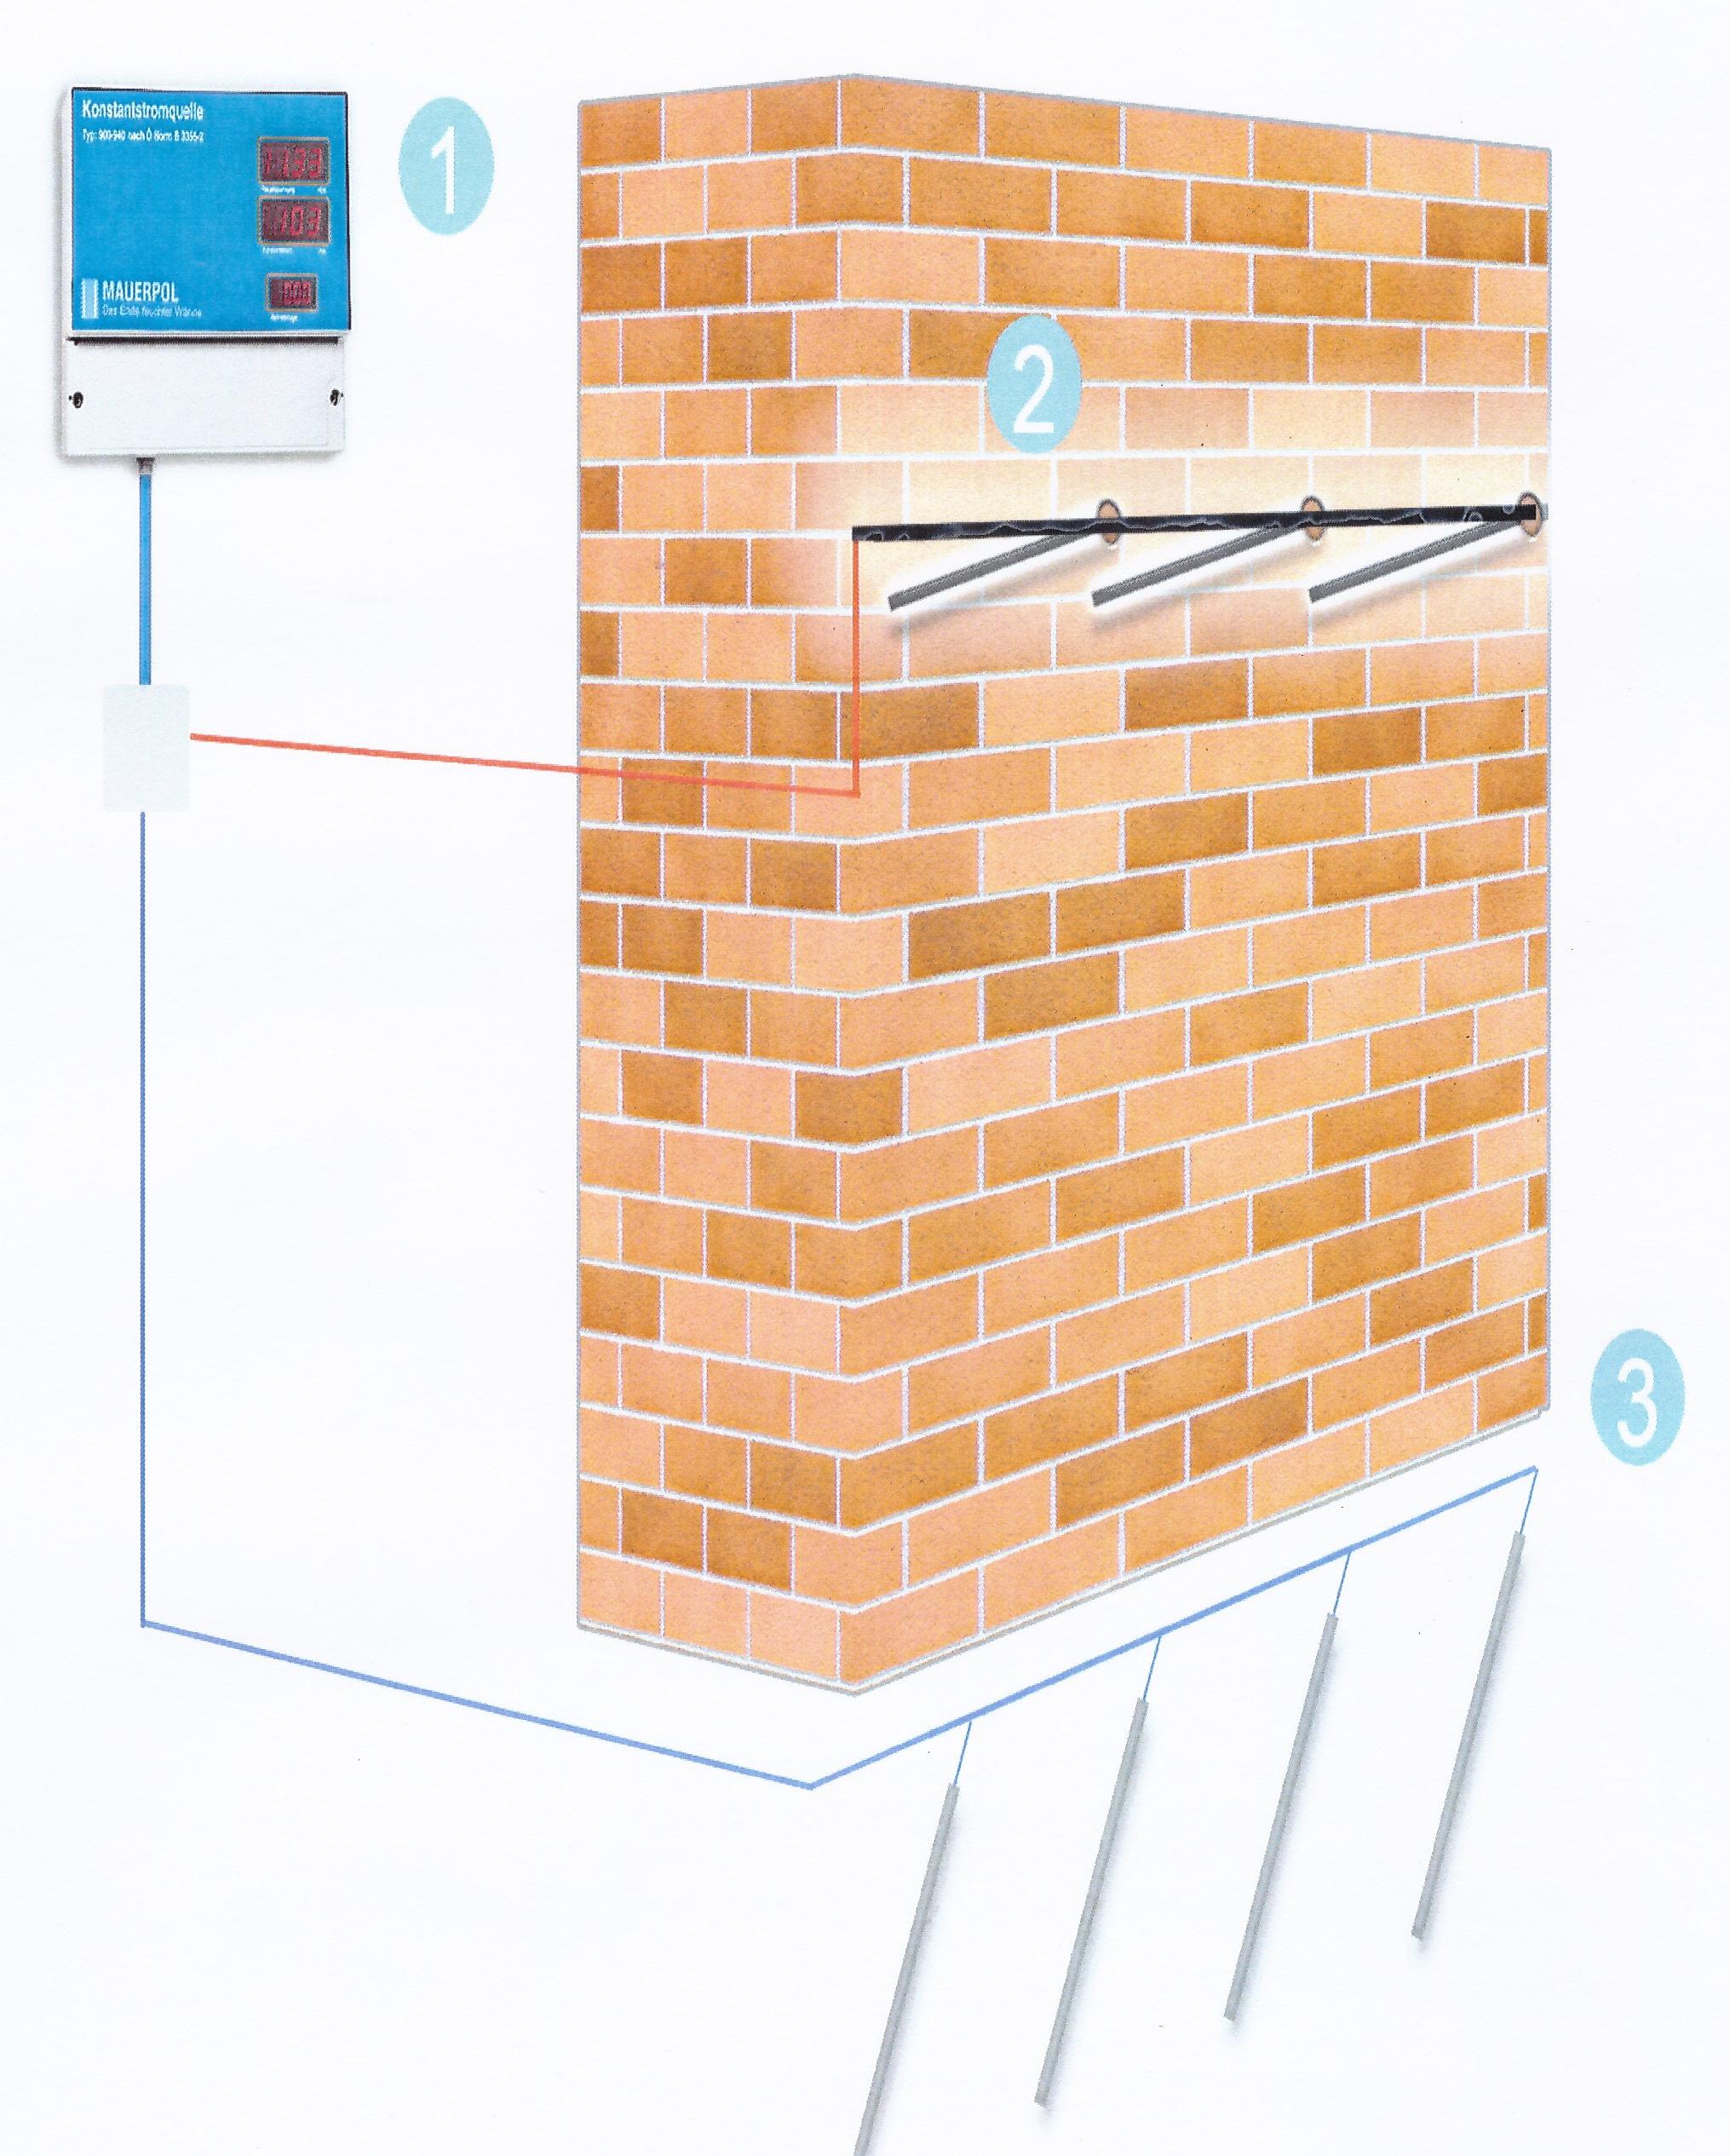 Gut gemocht Feuchtes Mauerwerk, nasse schimmlige Wände, nasse Fundamente DS28